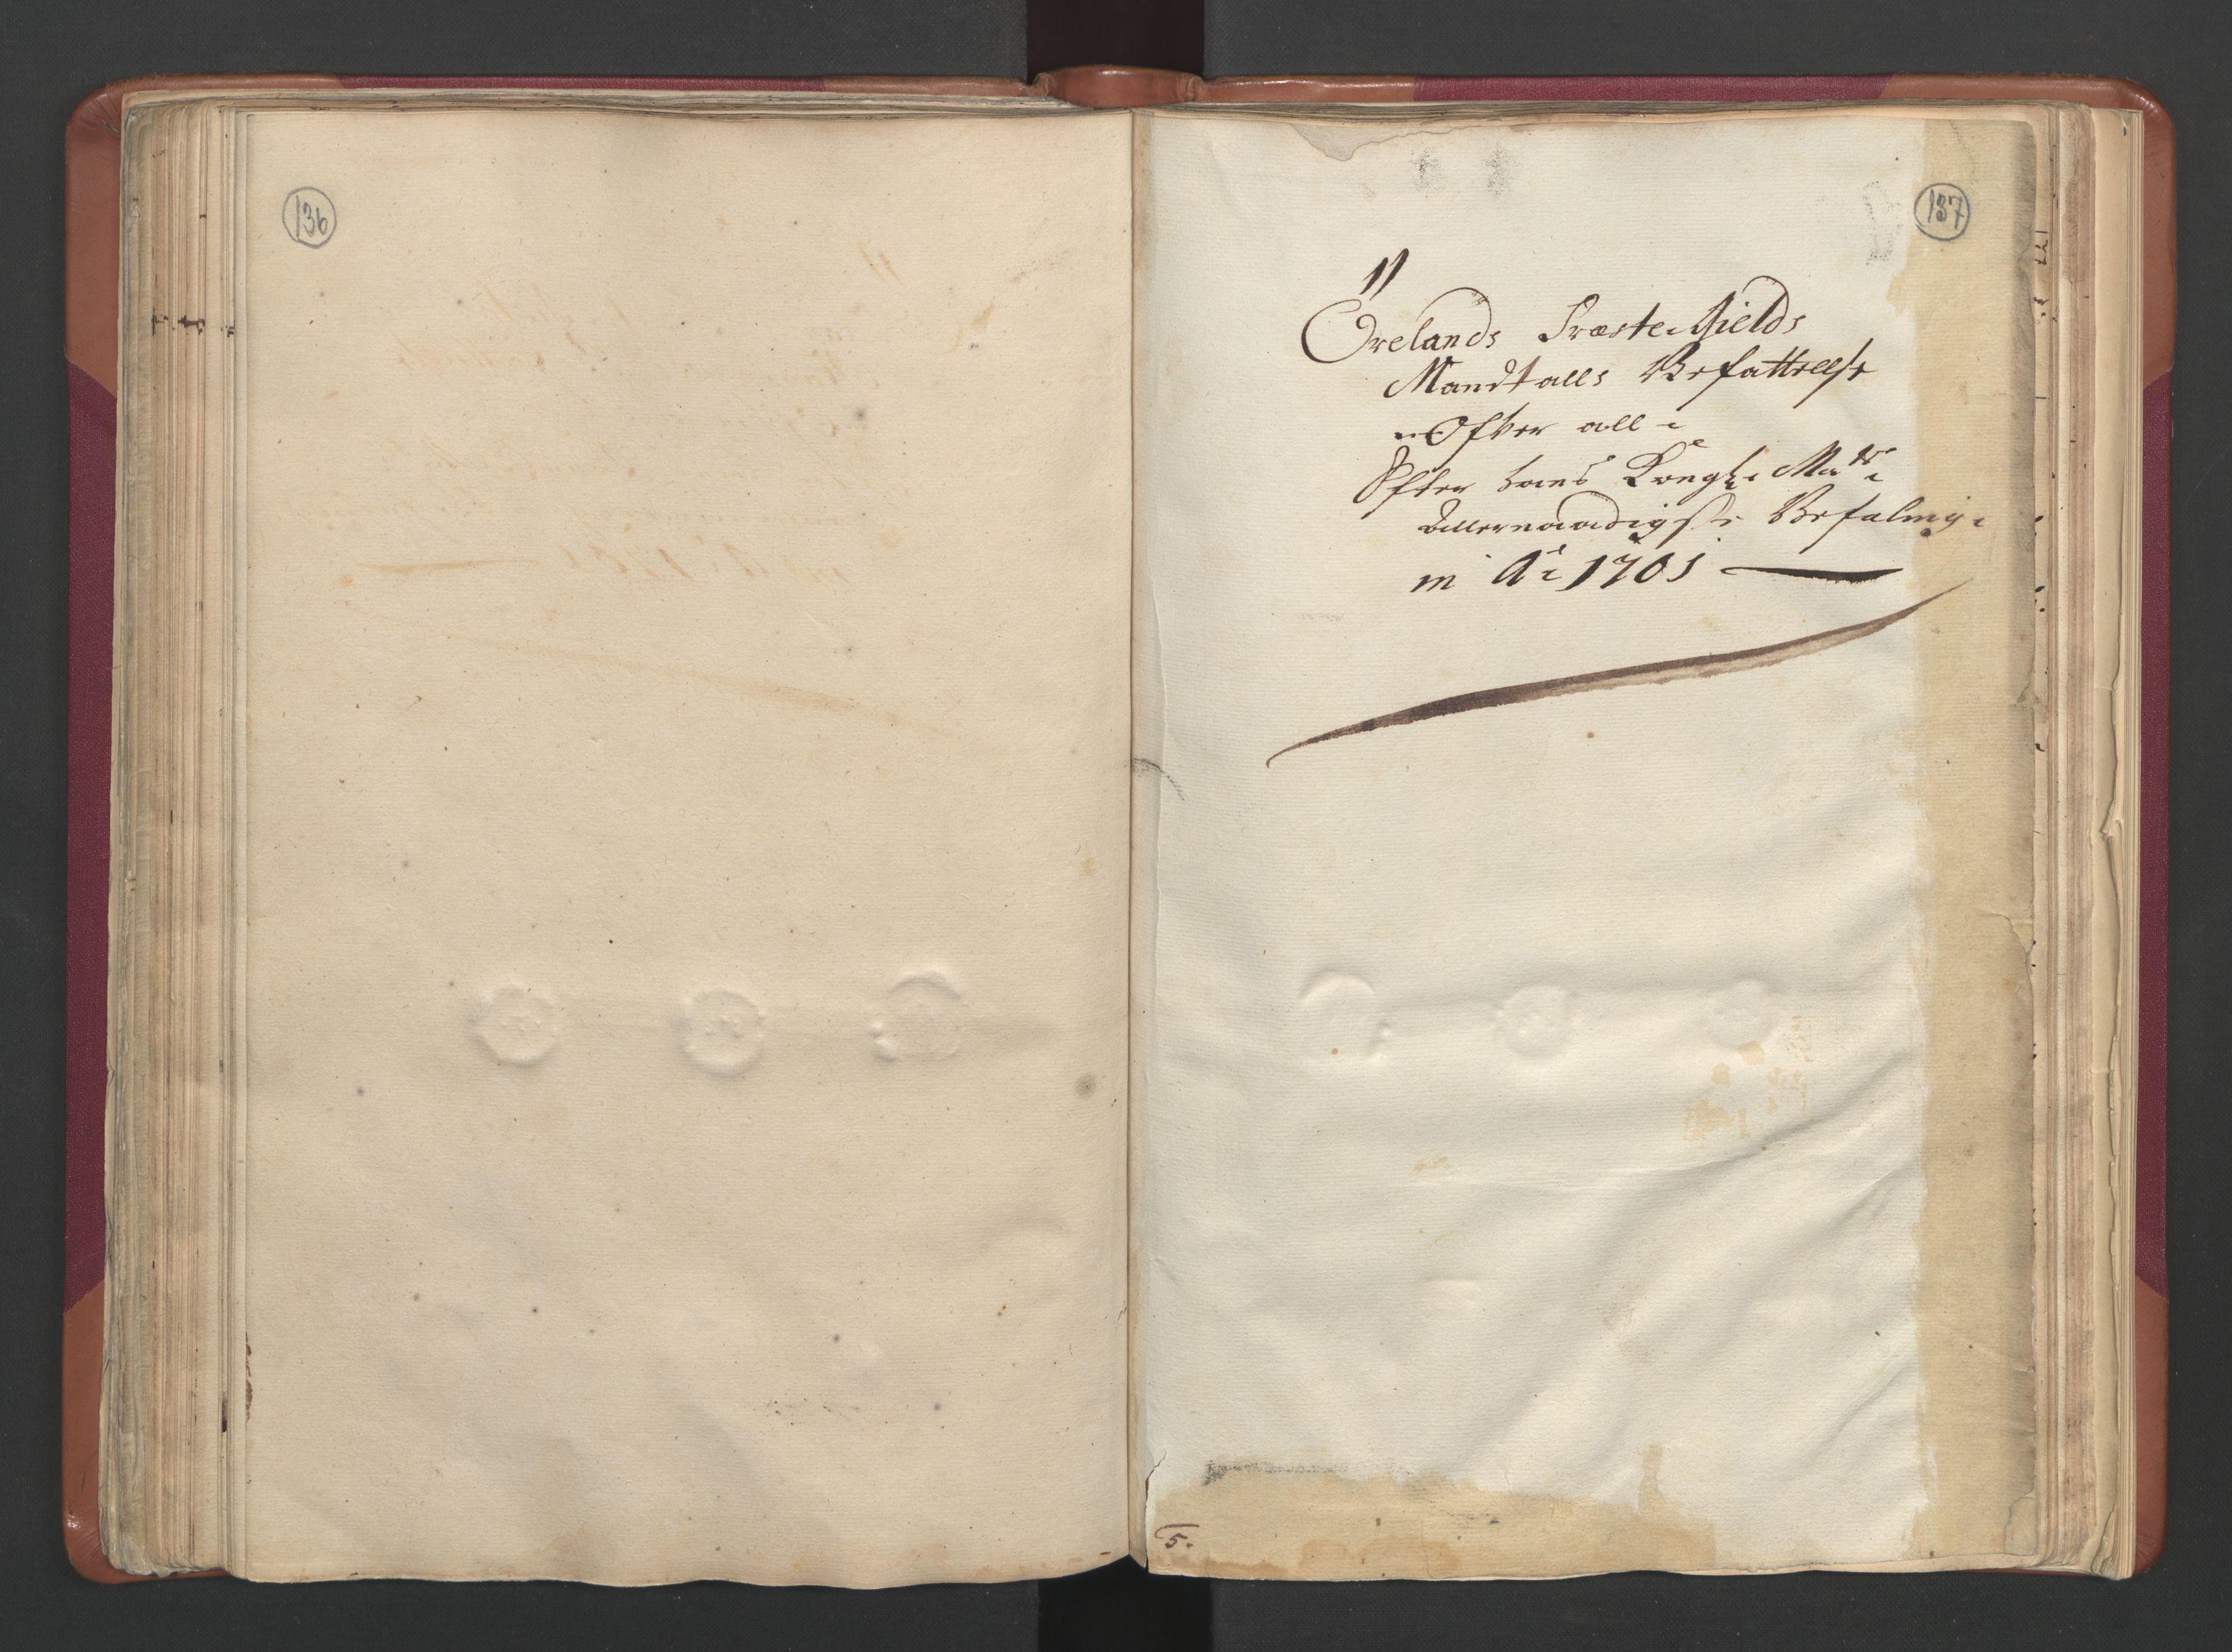 RA, Manntallet 1701, nr. 12: Fosen fogderi, 1701, s. 136-137